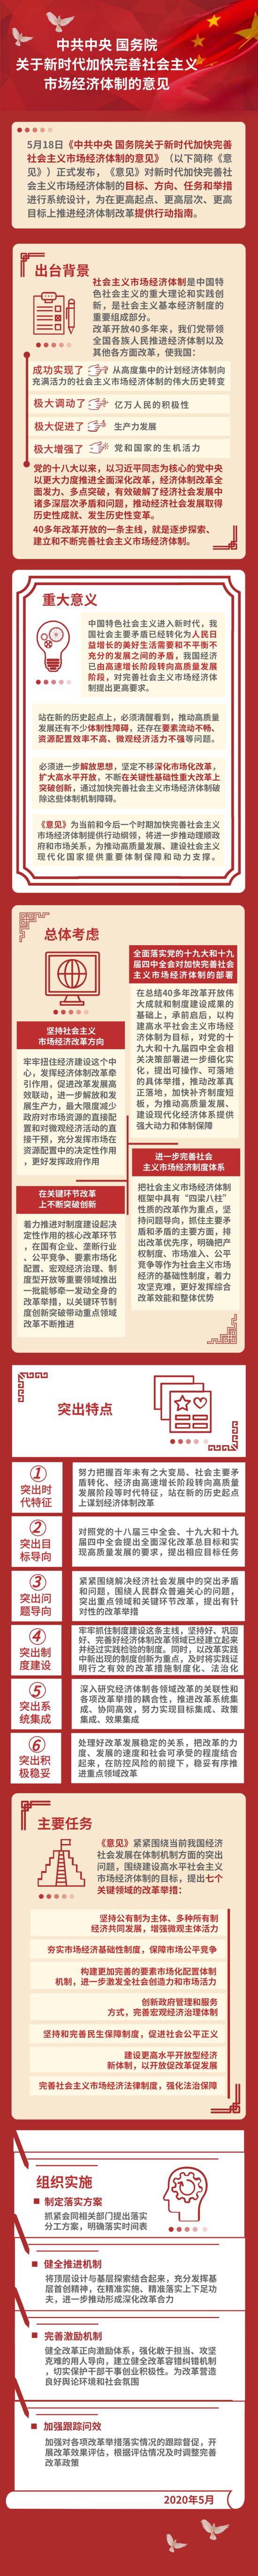 [摩鑫]解加快完善社会主义市场经济体摩鑫制的图片